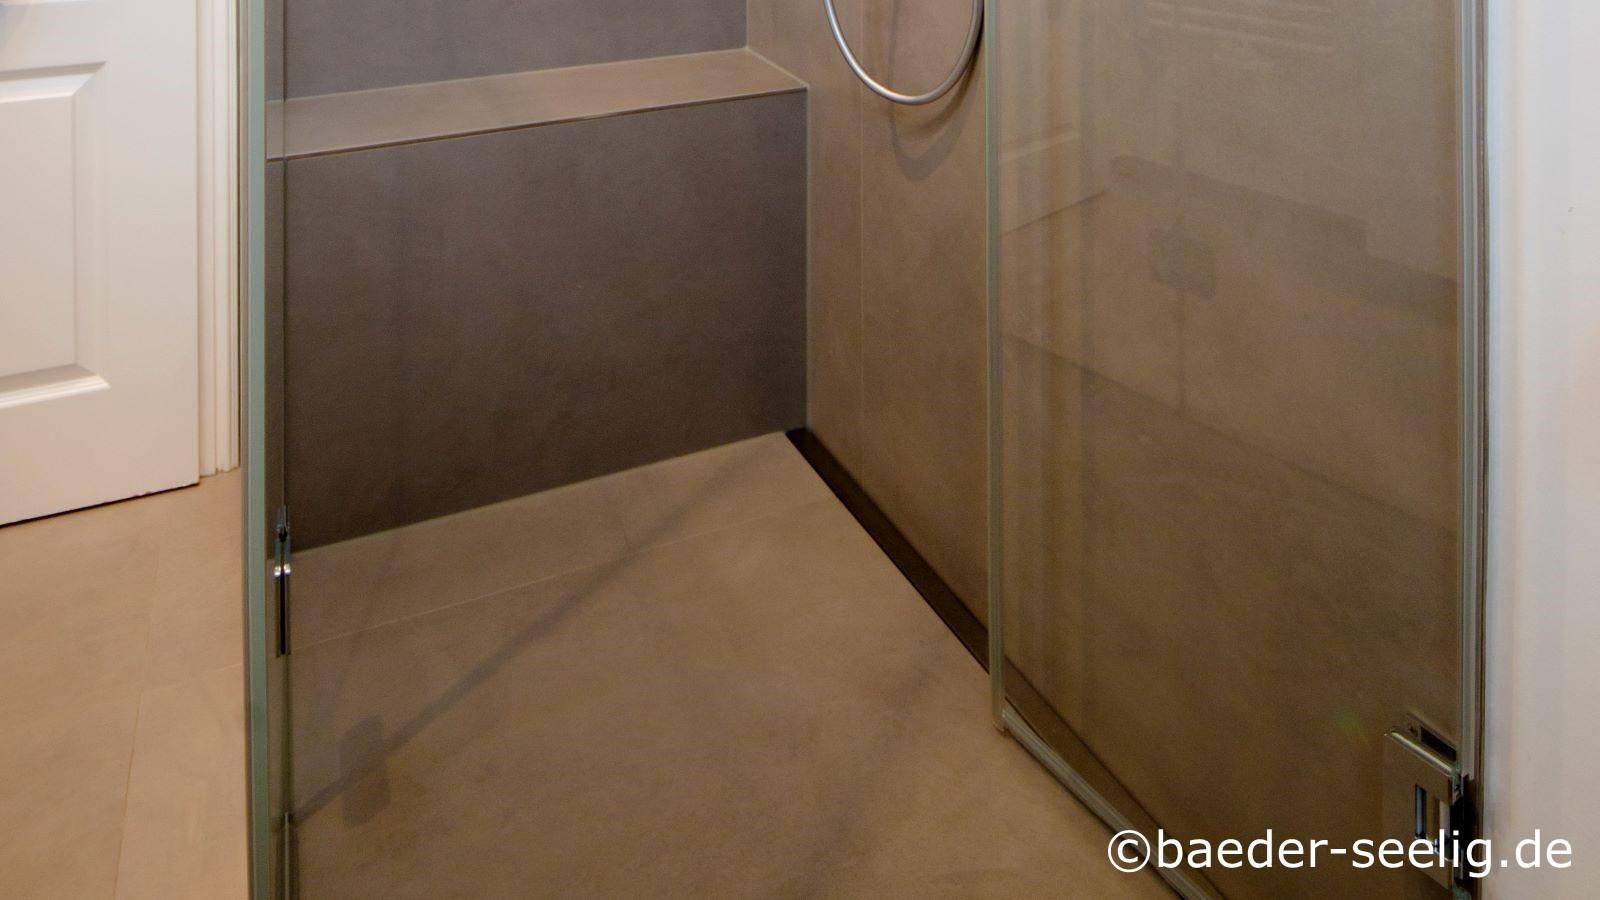 Abgebildet ist die bodengleiche dusche, die im xxl-format mit einer duschrinne pro sonderanfertigung im xxl-format verwirklicht wurde in einem kleinen familienbad mit nur etwa 5 qm grundflaeche. Der clou ist die eingeklappte glasduschtuer, die hier im bild sichtbar ist. Somit kann der platz entweder in der dusche oder aber im bad genutzt werden. Diese loesung ist auch optisch sehr gelungen. Die 1 x 1 m xxl kerlite feinsteinzeug fliesen am boden, die schwellenfrei durchgefliest wurden, tragen ebenso wie die glasduschabtrennung dazu bei, dass die geraumige dusche voellig mit dem kleinen raum verschmilzt. Die 1 x 3 m xxl kerlite wandfliesen machen das kleine bad optisch groesser. Hinten im bild ist die duschbank sichtbar. Die ruhige optik durch die gleichfarbigen braunen kerlite fliesen an wand und boden ist deutlich sichtbar auf dem foto. Mit der aeussert flachen einbauhoehe der v4a edelstahl-duschrinne pro konnte die variante mit nur 40 mm einbauhoehe den nachtraeglichen einbau dieser bodengleiche dusche im bestand ermoeglichen.